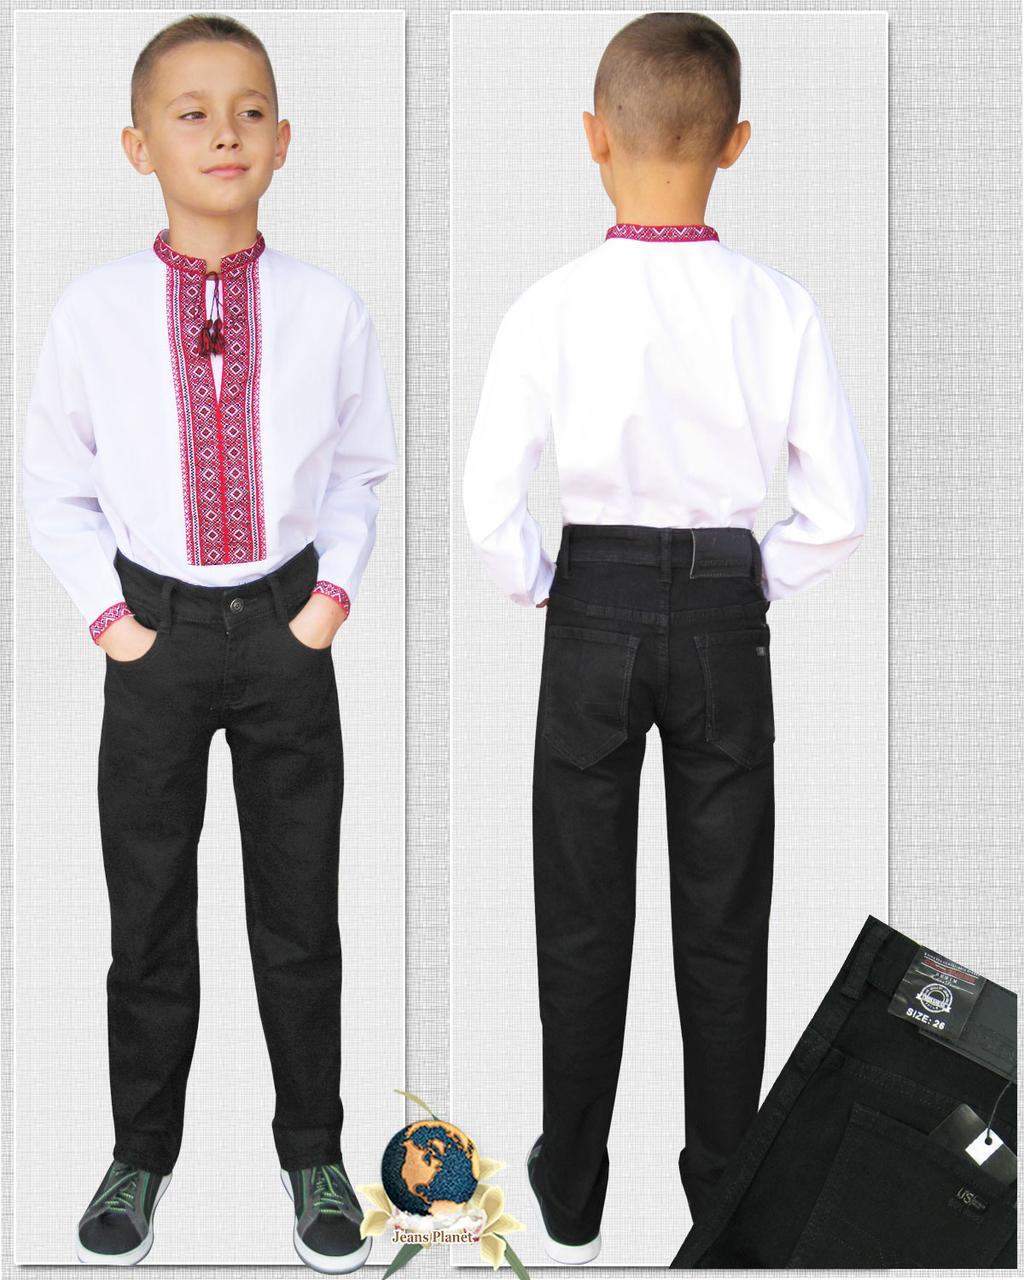 Джинсы школьные на мальчика подростка зауженные чёрного цвета 30 размер